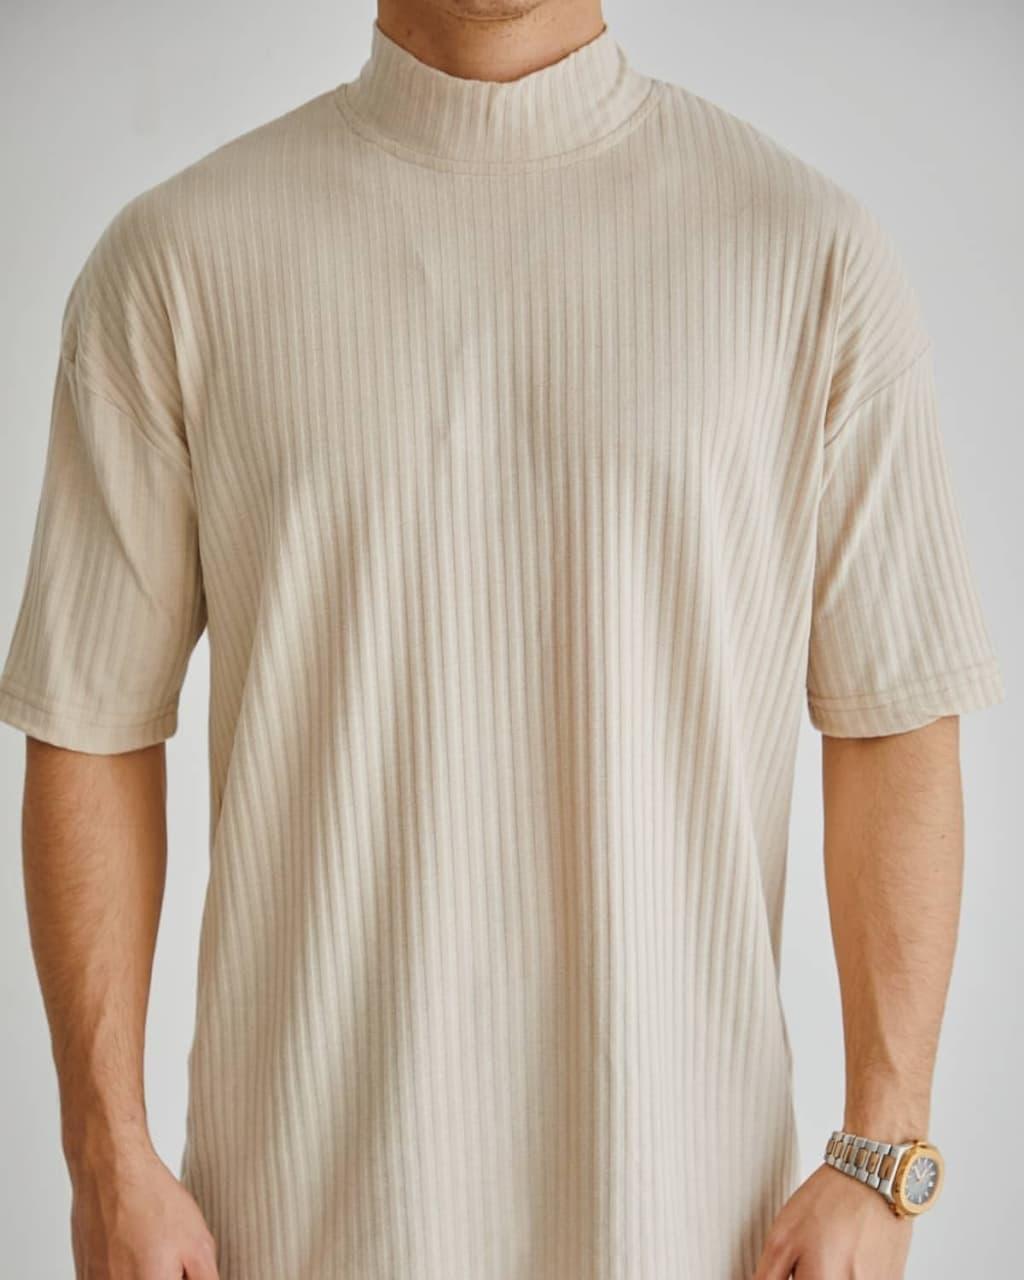 Чоловіча футболка бежева під горло